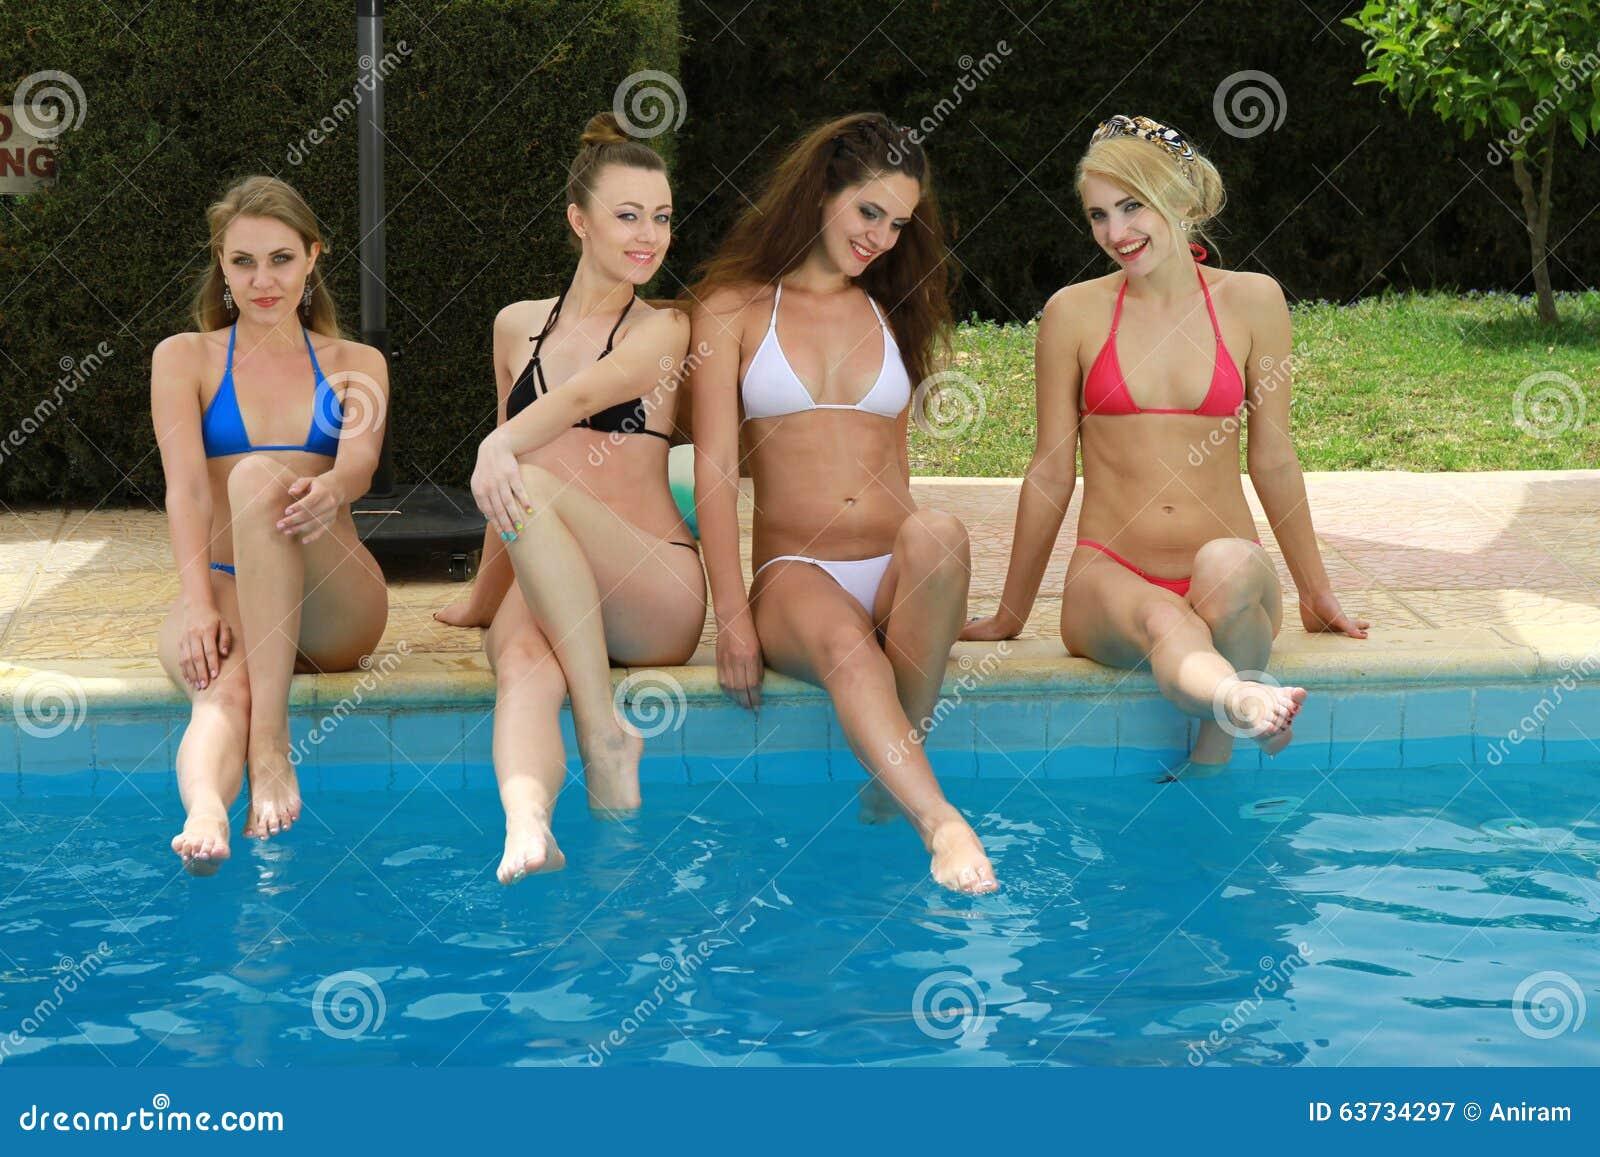 Rasierte Fotze der perversen mit riesigen Brüsten Jasmine Jae gefickt von das pool